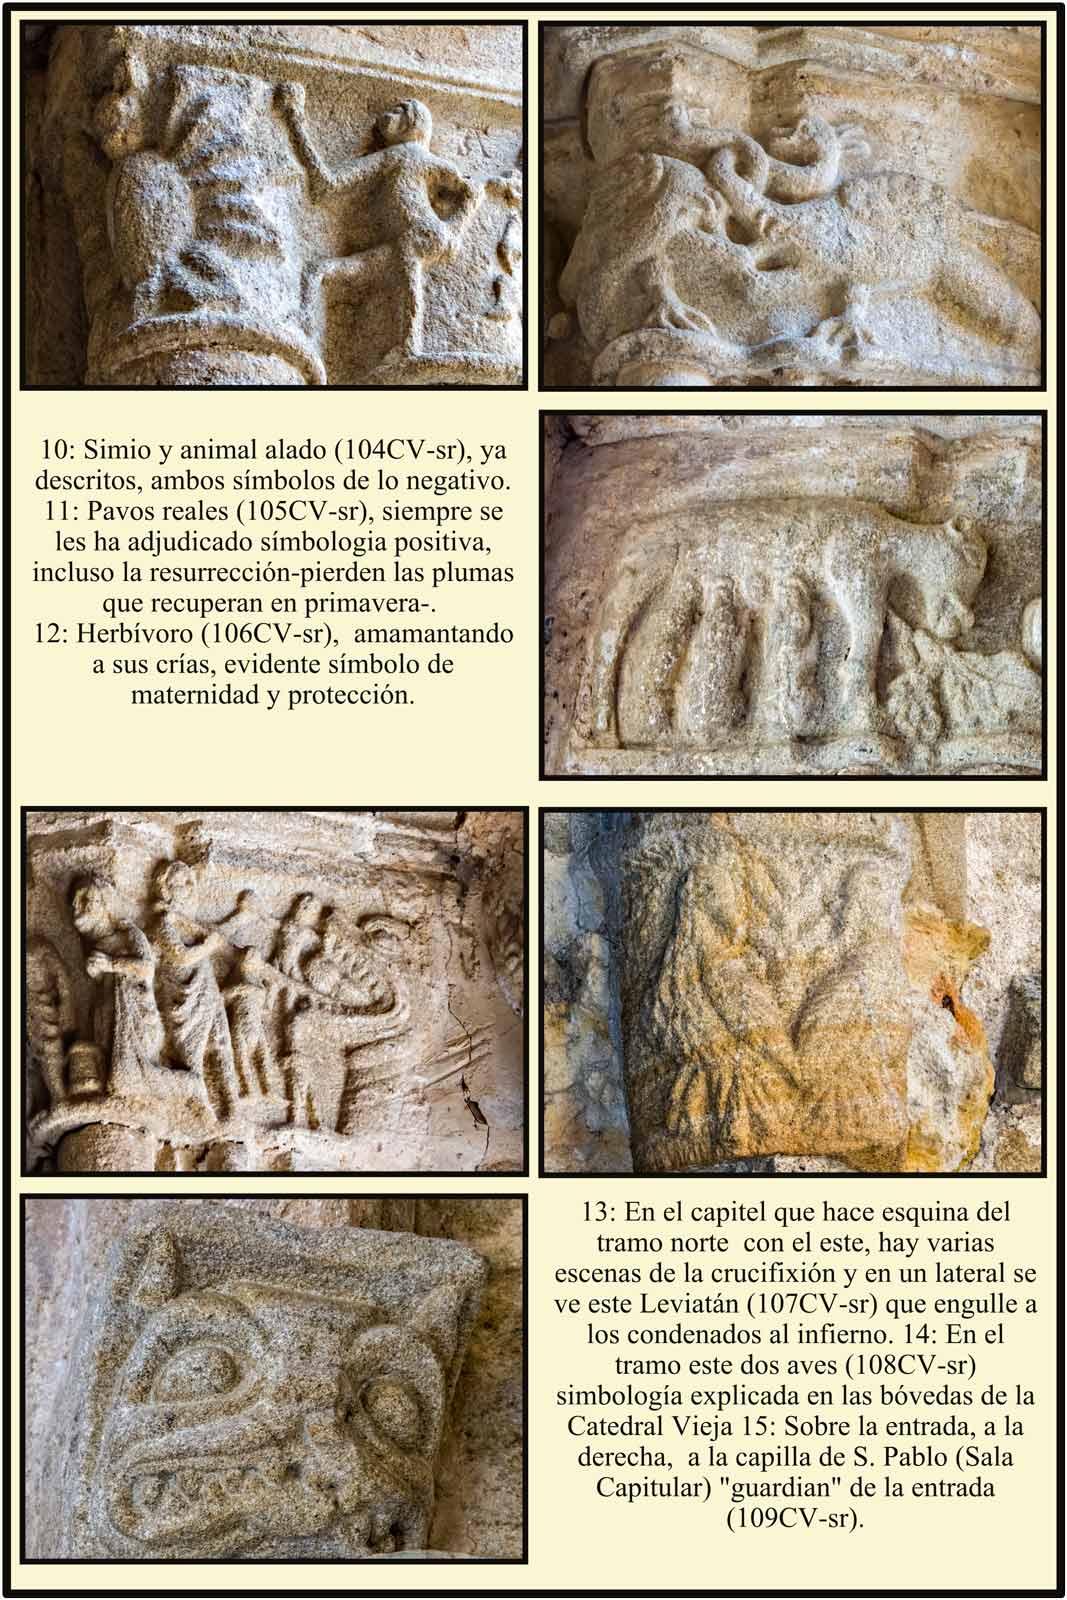 Simbolos en el romanico de los capiteles de la Catedral de Plasencia